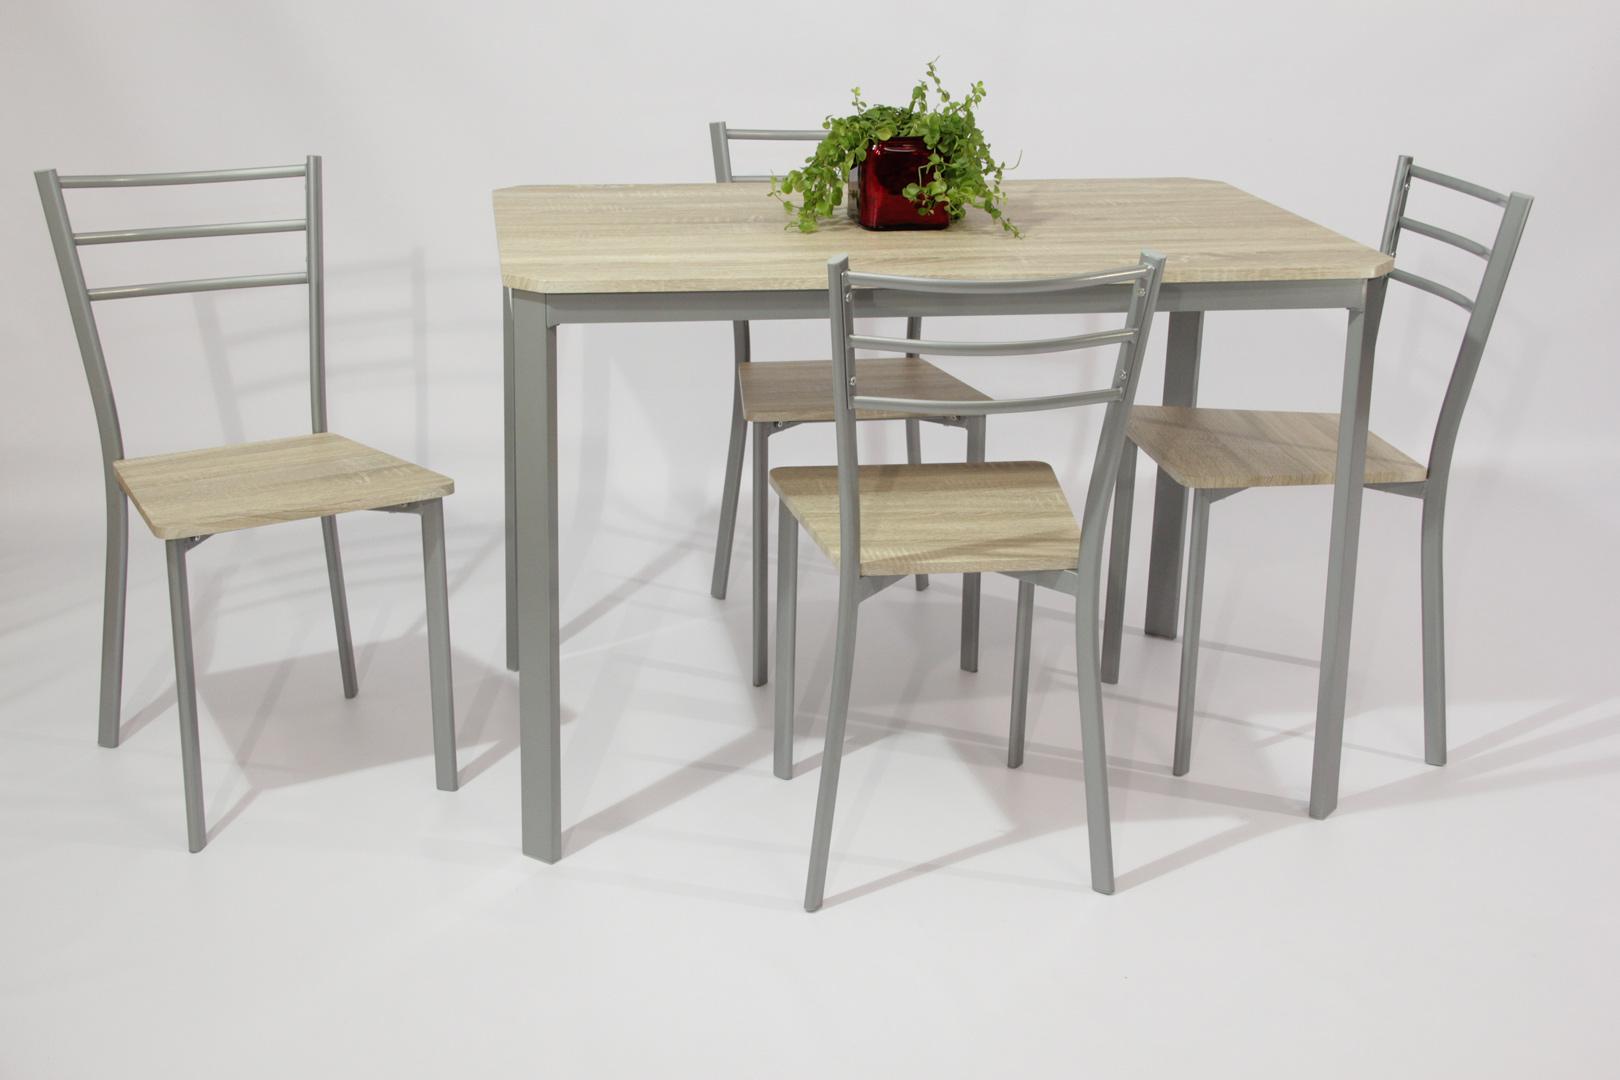 Table En Bois Chene Clair ensemble table et 4 chaises contemporain métal et bois chêne clair greta